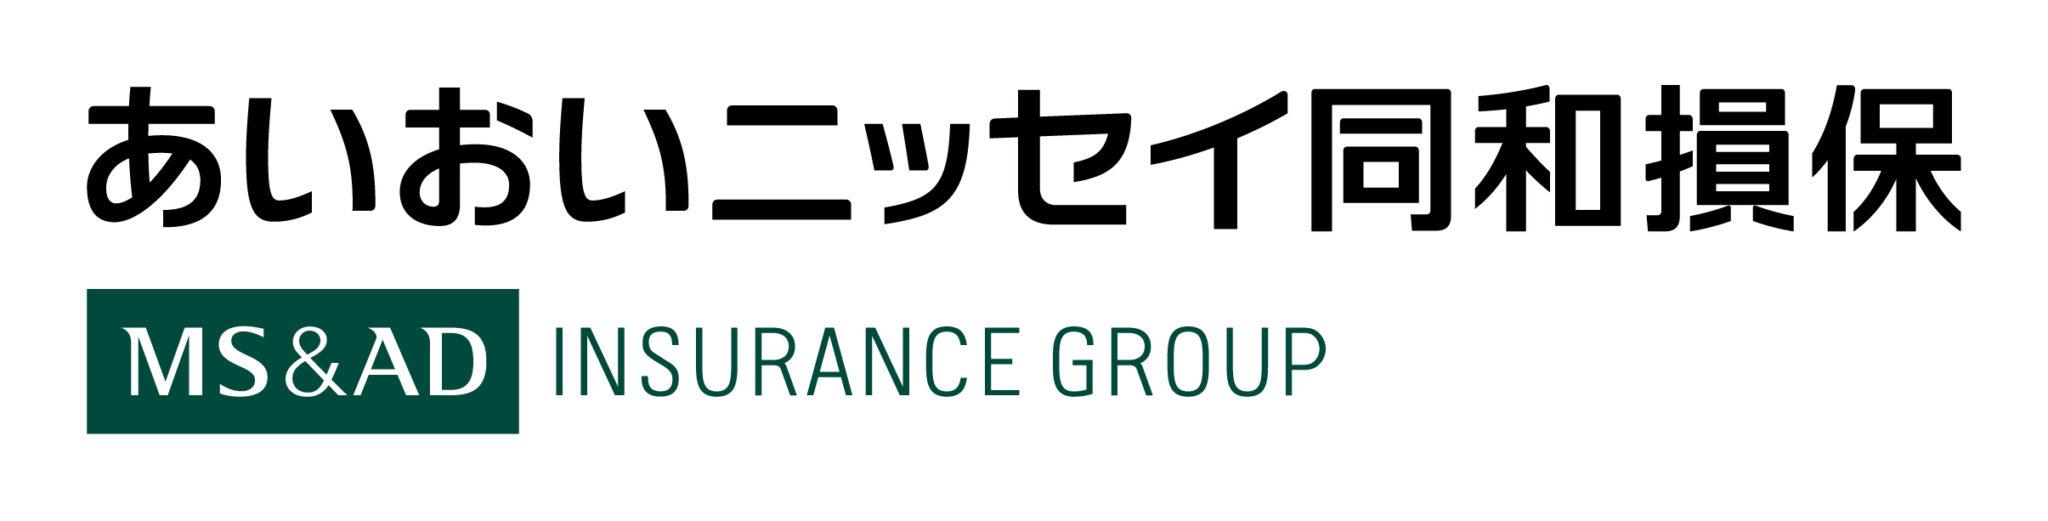 あいおいニッセイ同和損害保険株式会社